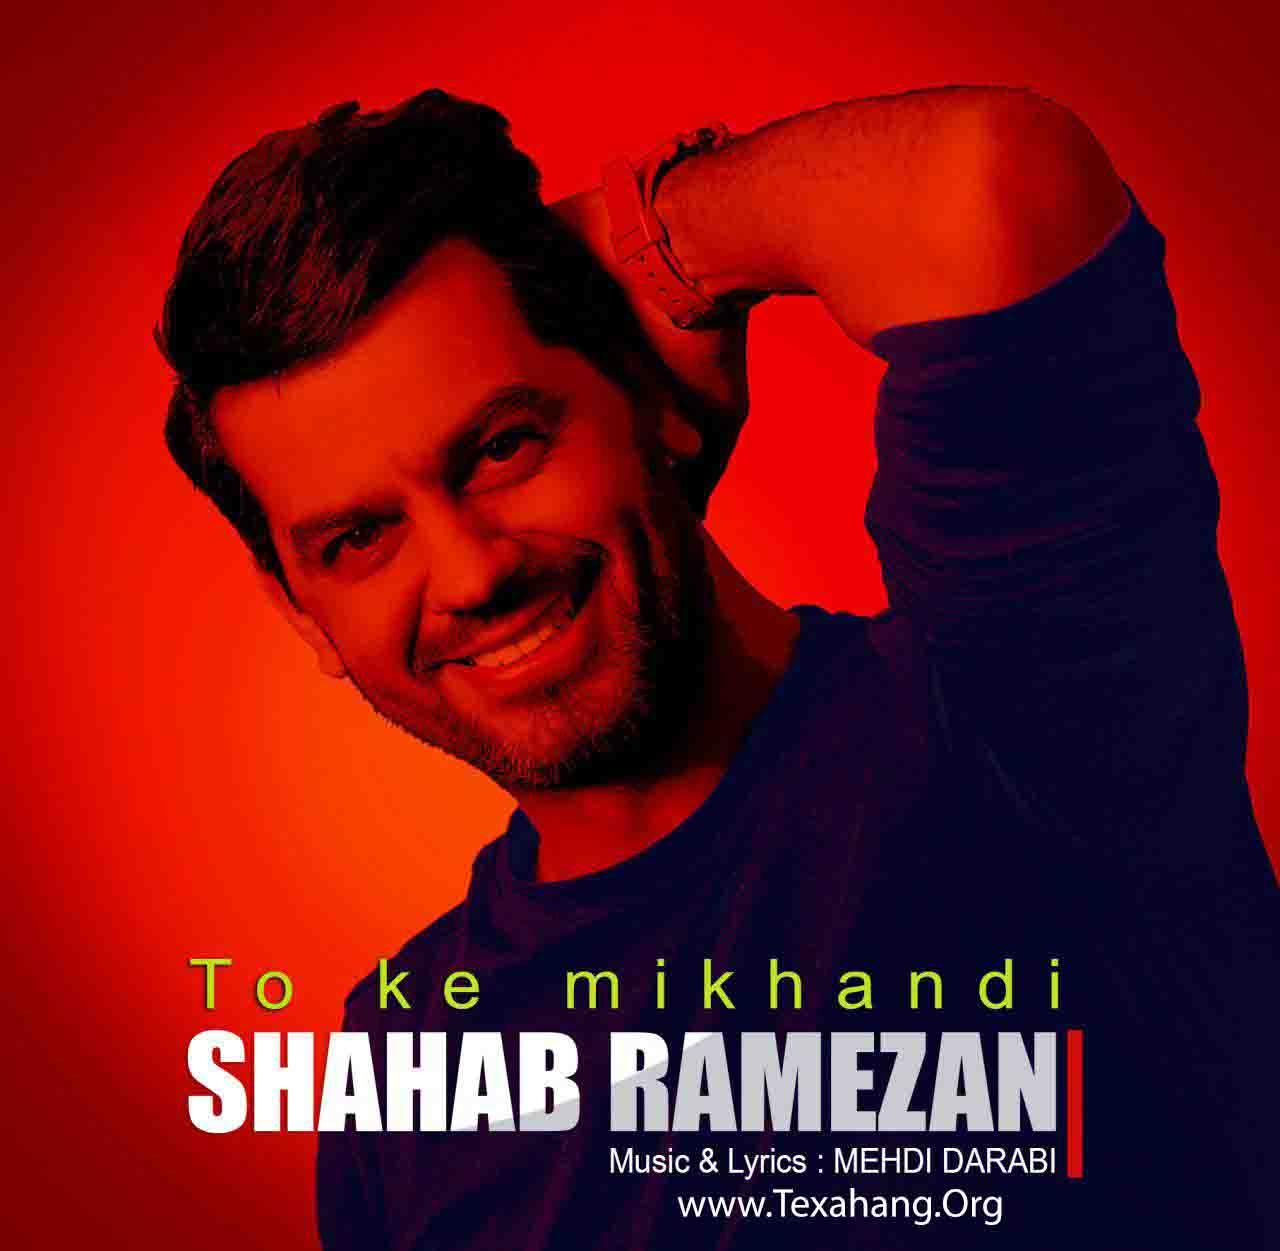 متن آهنگ شهاب رمضان تو که میخندی